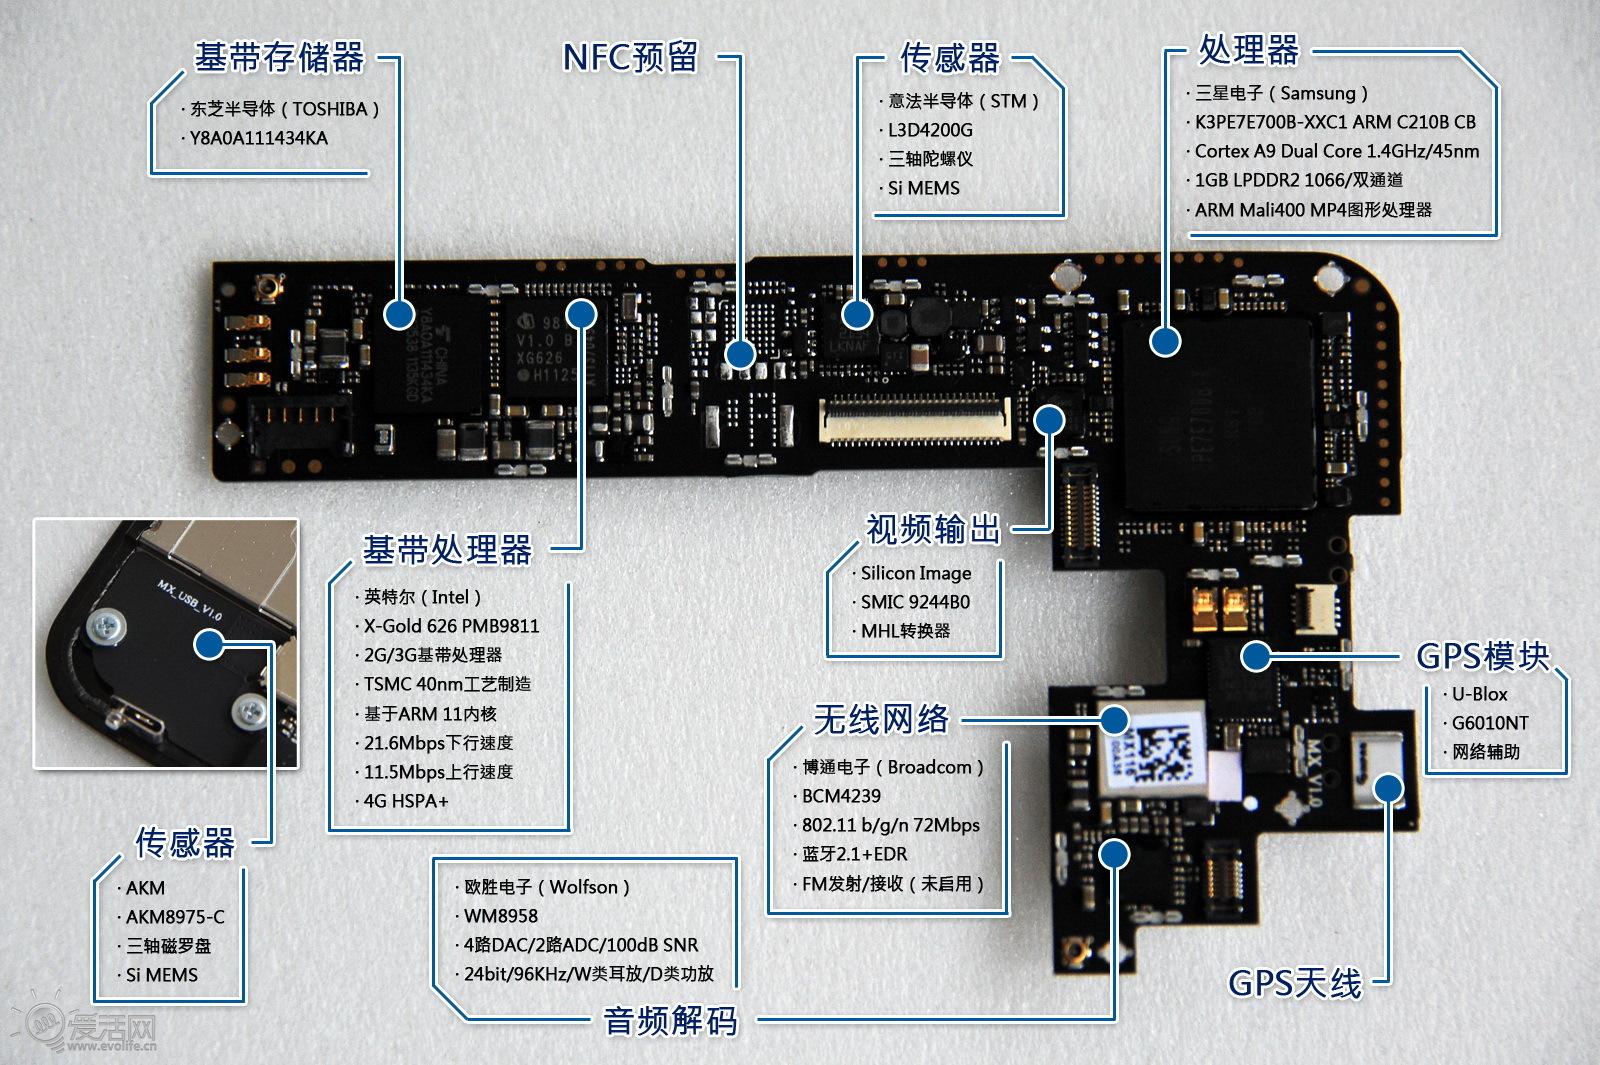 MX内部元器件逐个看 MX的摄像头通过软排线连接到主板背面的插座上。这是一枚800万像素的SONY Exmor R背照式传感器,是目前手机里最顶级的摄像头之一,苹果iPhone 4S采用的也是类似型号。为了发挥这枚传感器的性能,MX特别定制了拥有5片透镜结构的镜头,包含独立的红外滤镜,与iPhone 4S同级,而光圈甚至超过了后者,达到了F/2.